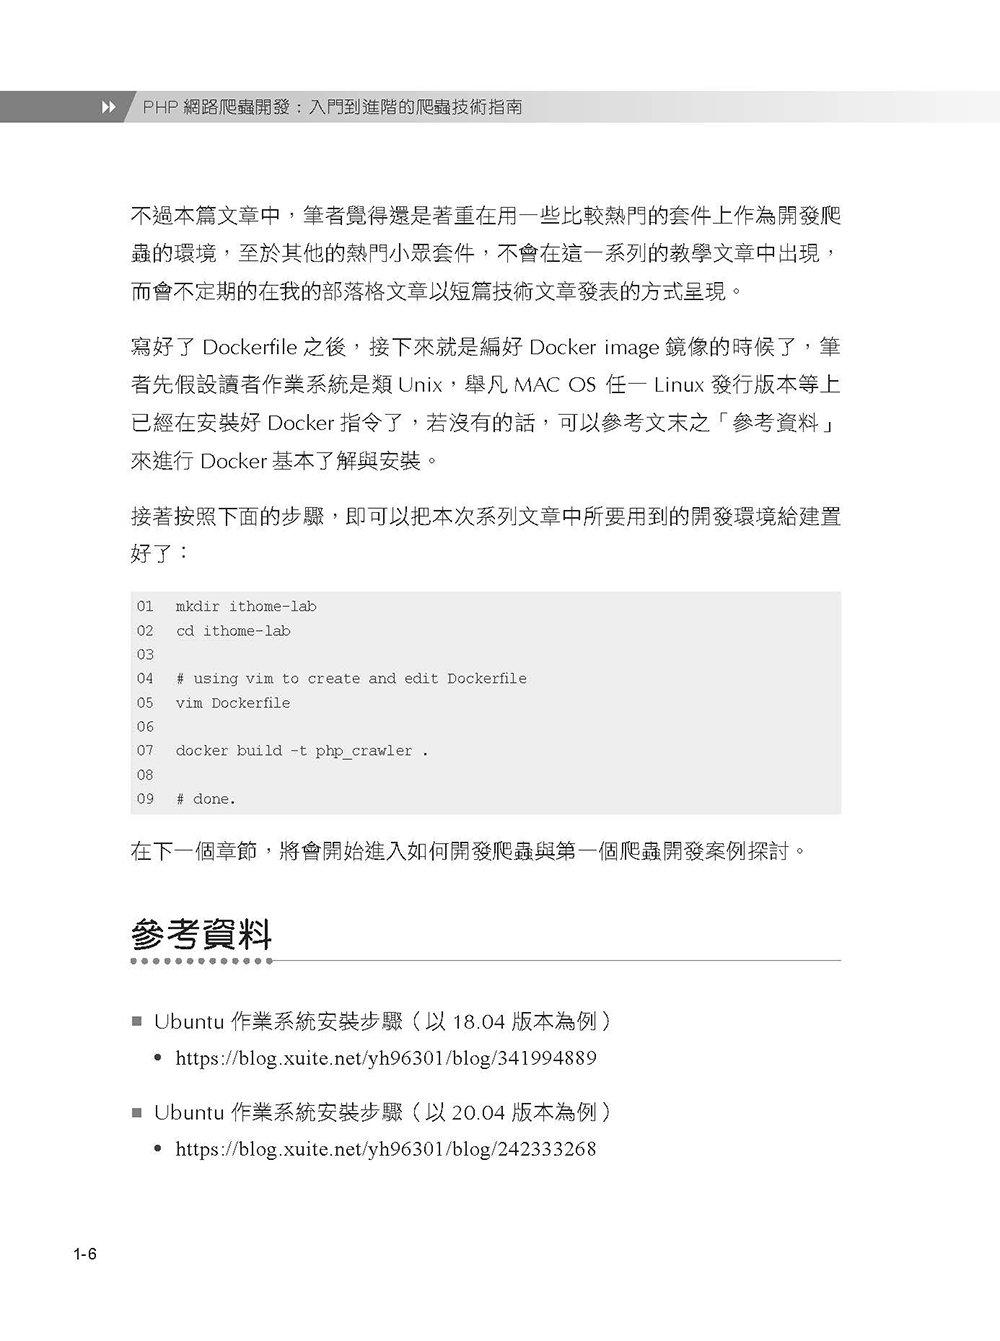 PHP 網路爬蟲開發:入門到進階的爬蟲技術指南(iT邦幫忙鐵人賽系列書)-preview-8